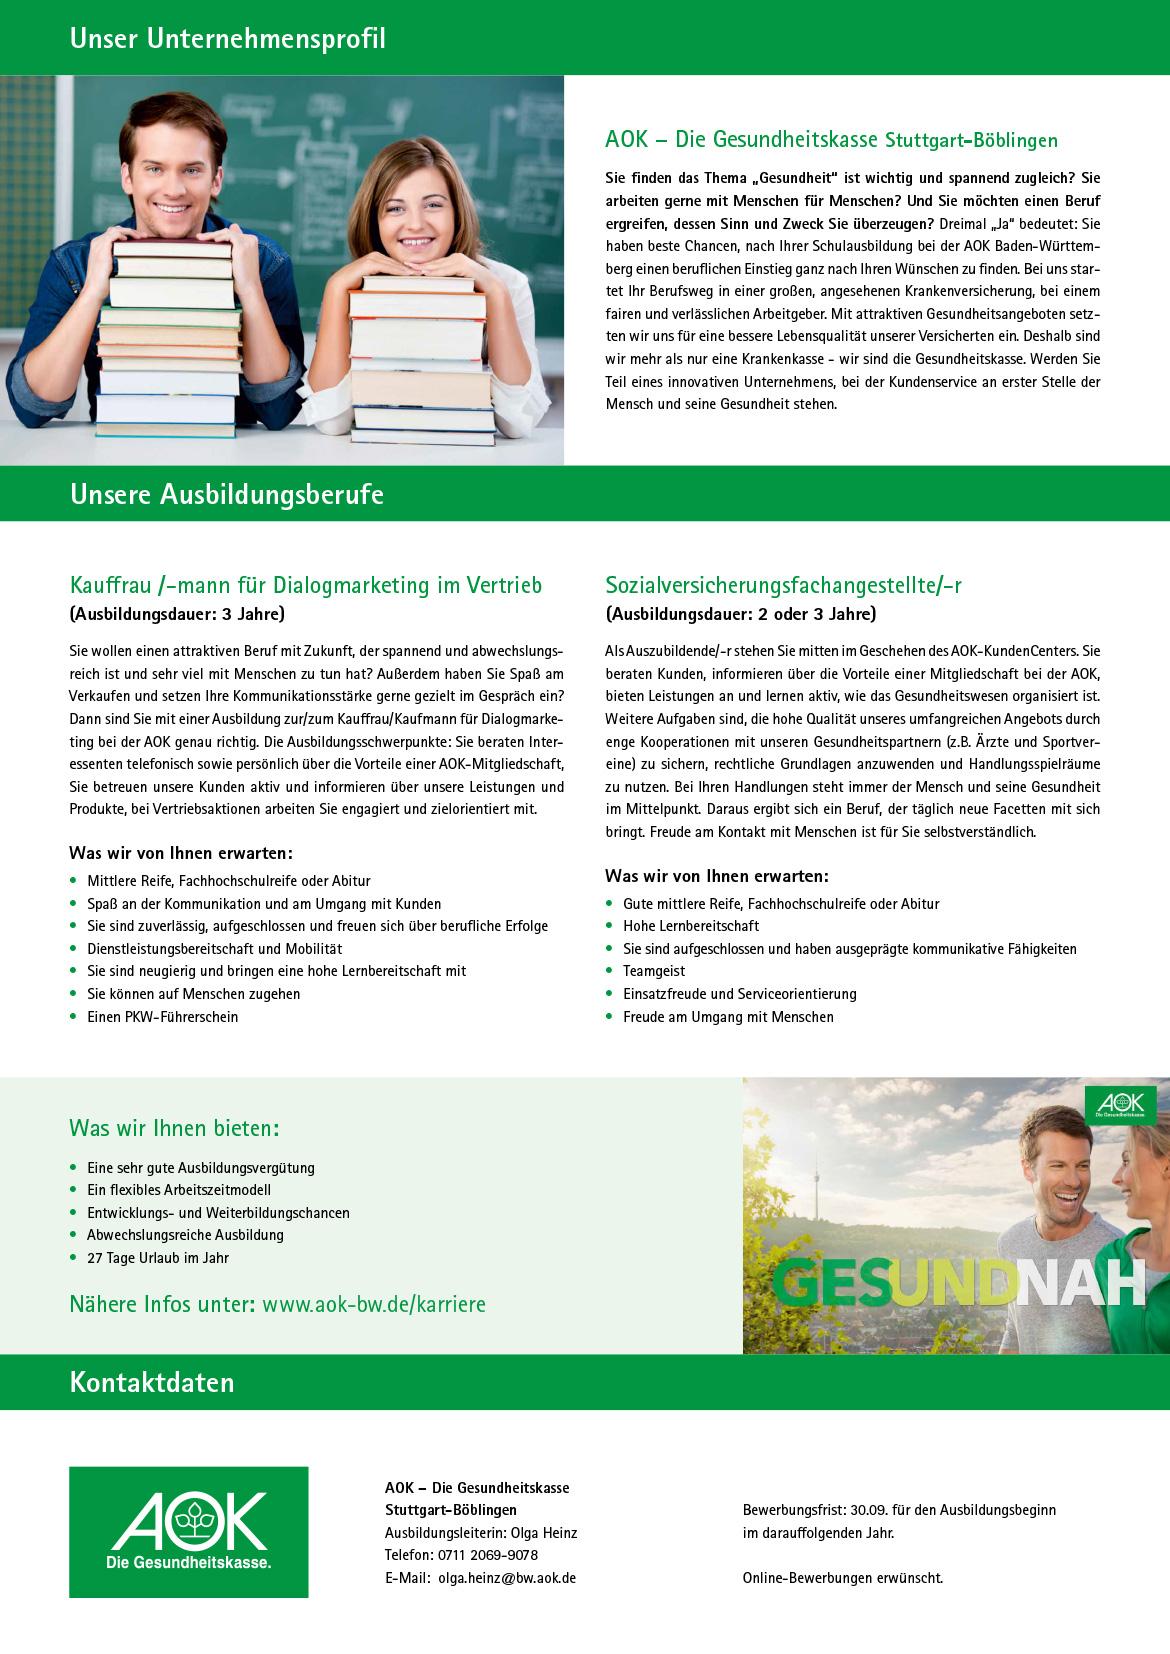 Ausbildungsplakat: AOK – Die Gesundheitskasse Stuttgart-Böblingen